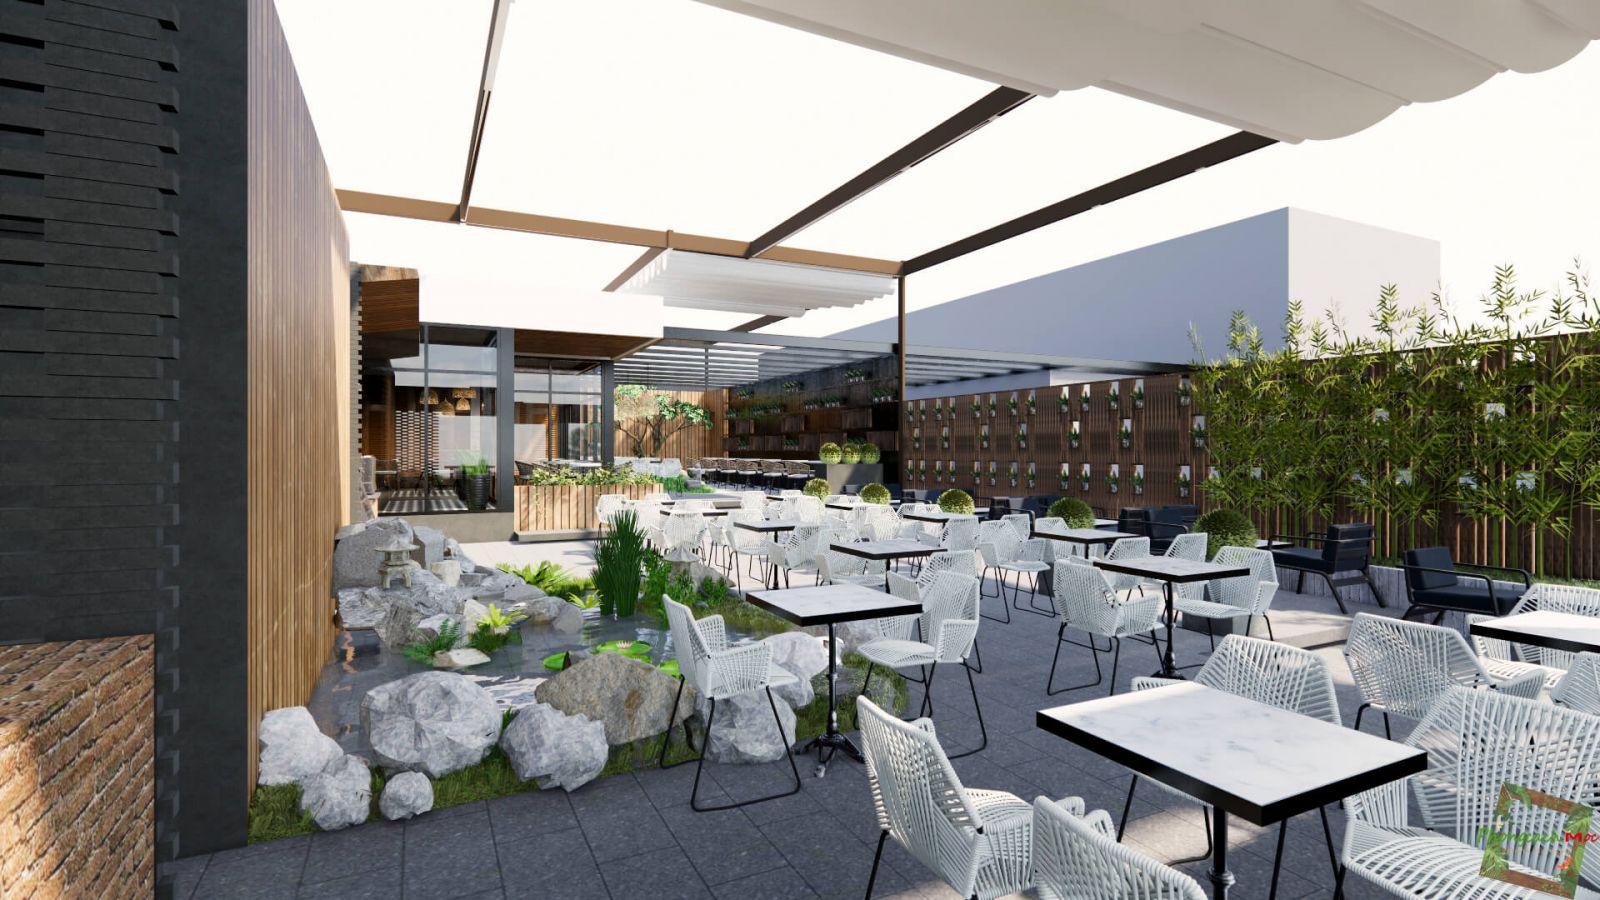 không gian ngoài trời quán cafe tre xanh thiết kế theo chủ đề hiện đại